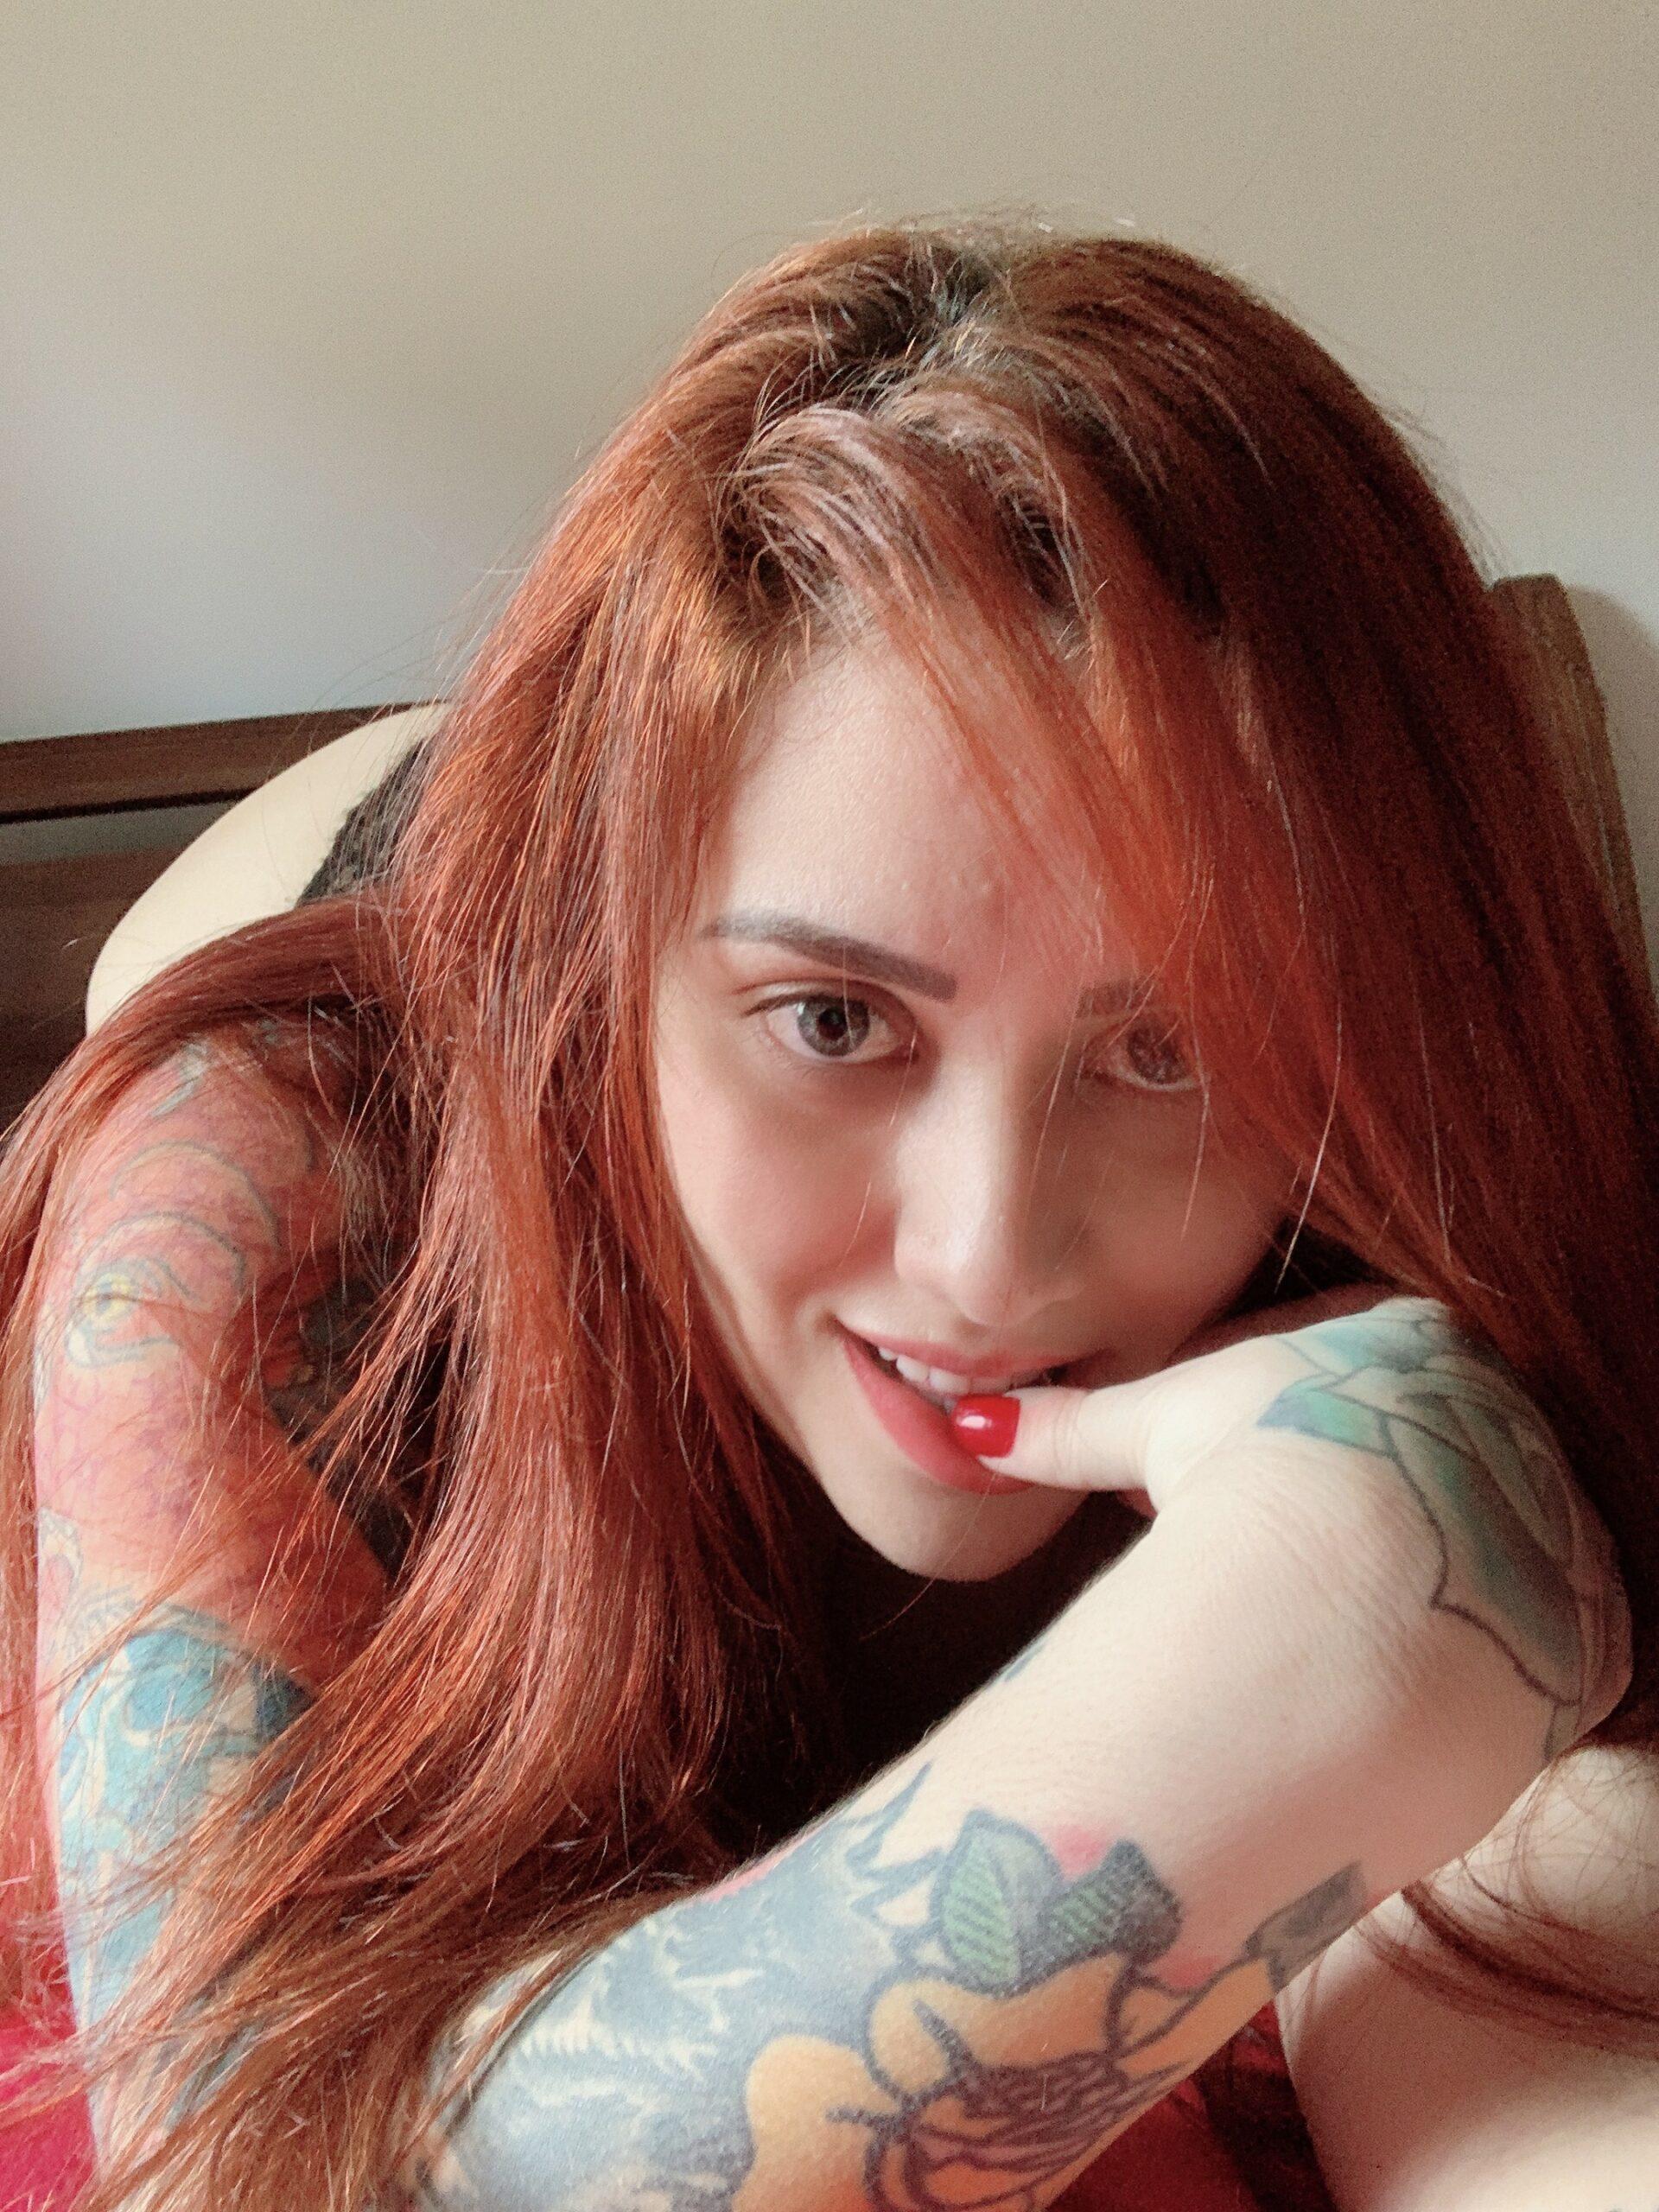 Abigail Nua - Bad Abigail Ruiva Pelada